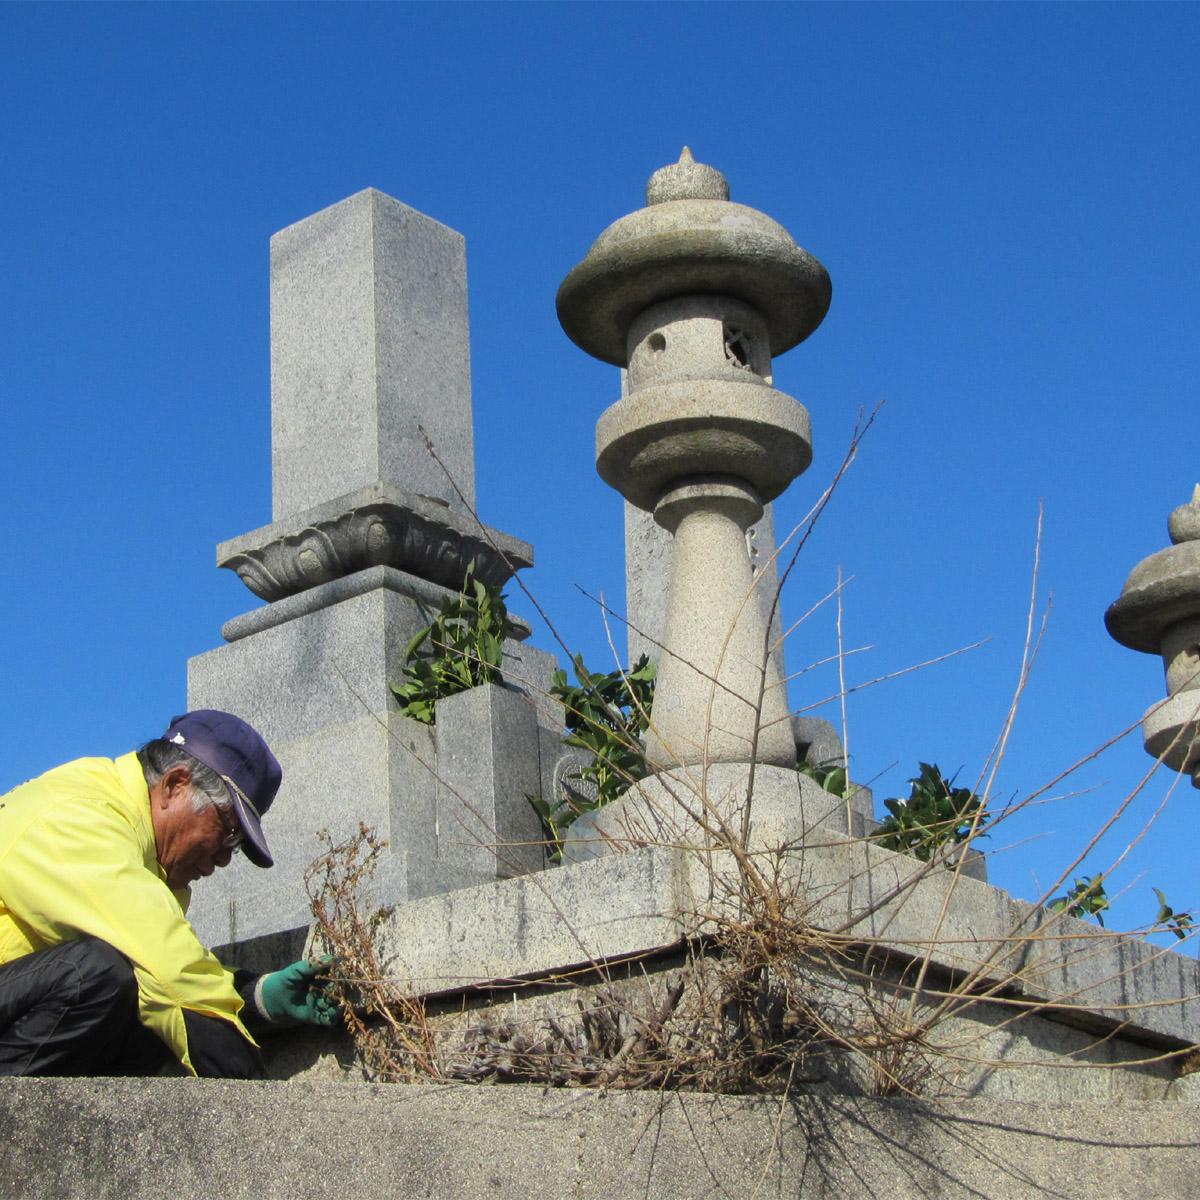 【ふるさと納税】大竹市内の墓地一区画の清掃の代行。大竹市シルバー人材センターの会員が心をこめて清掃致します。